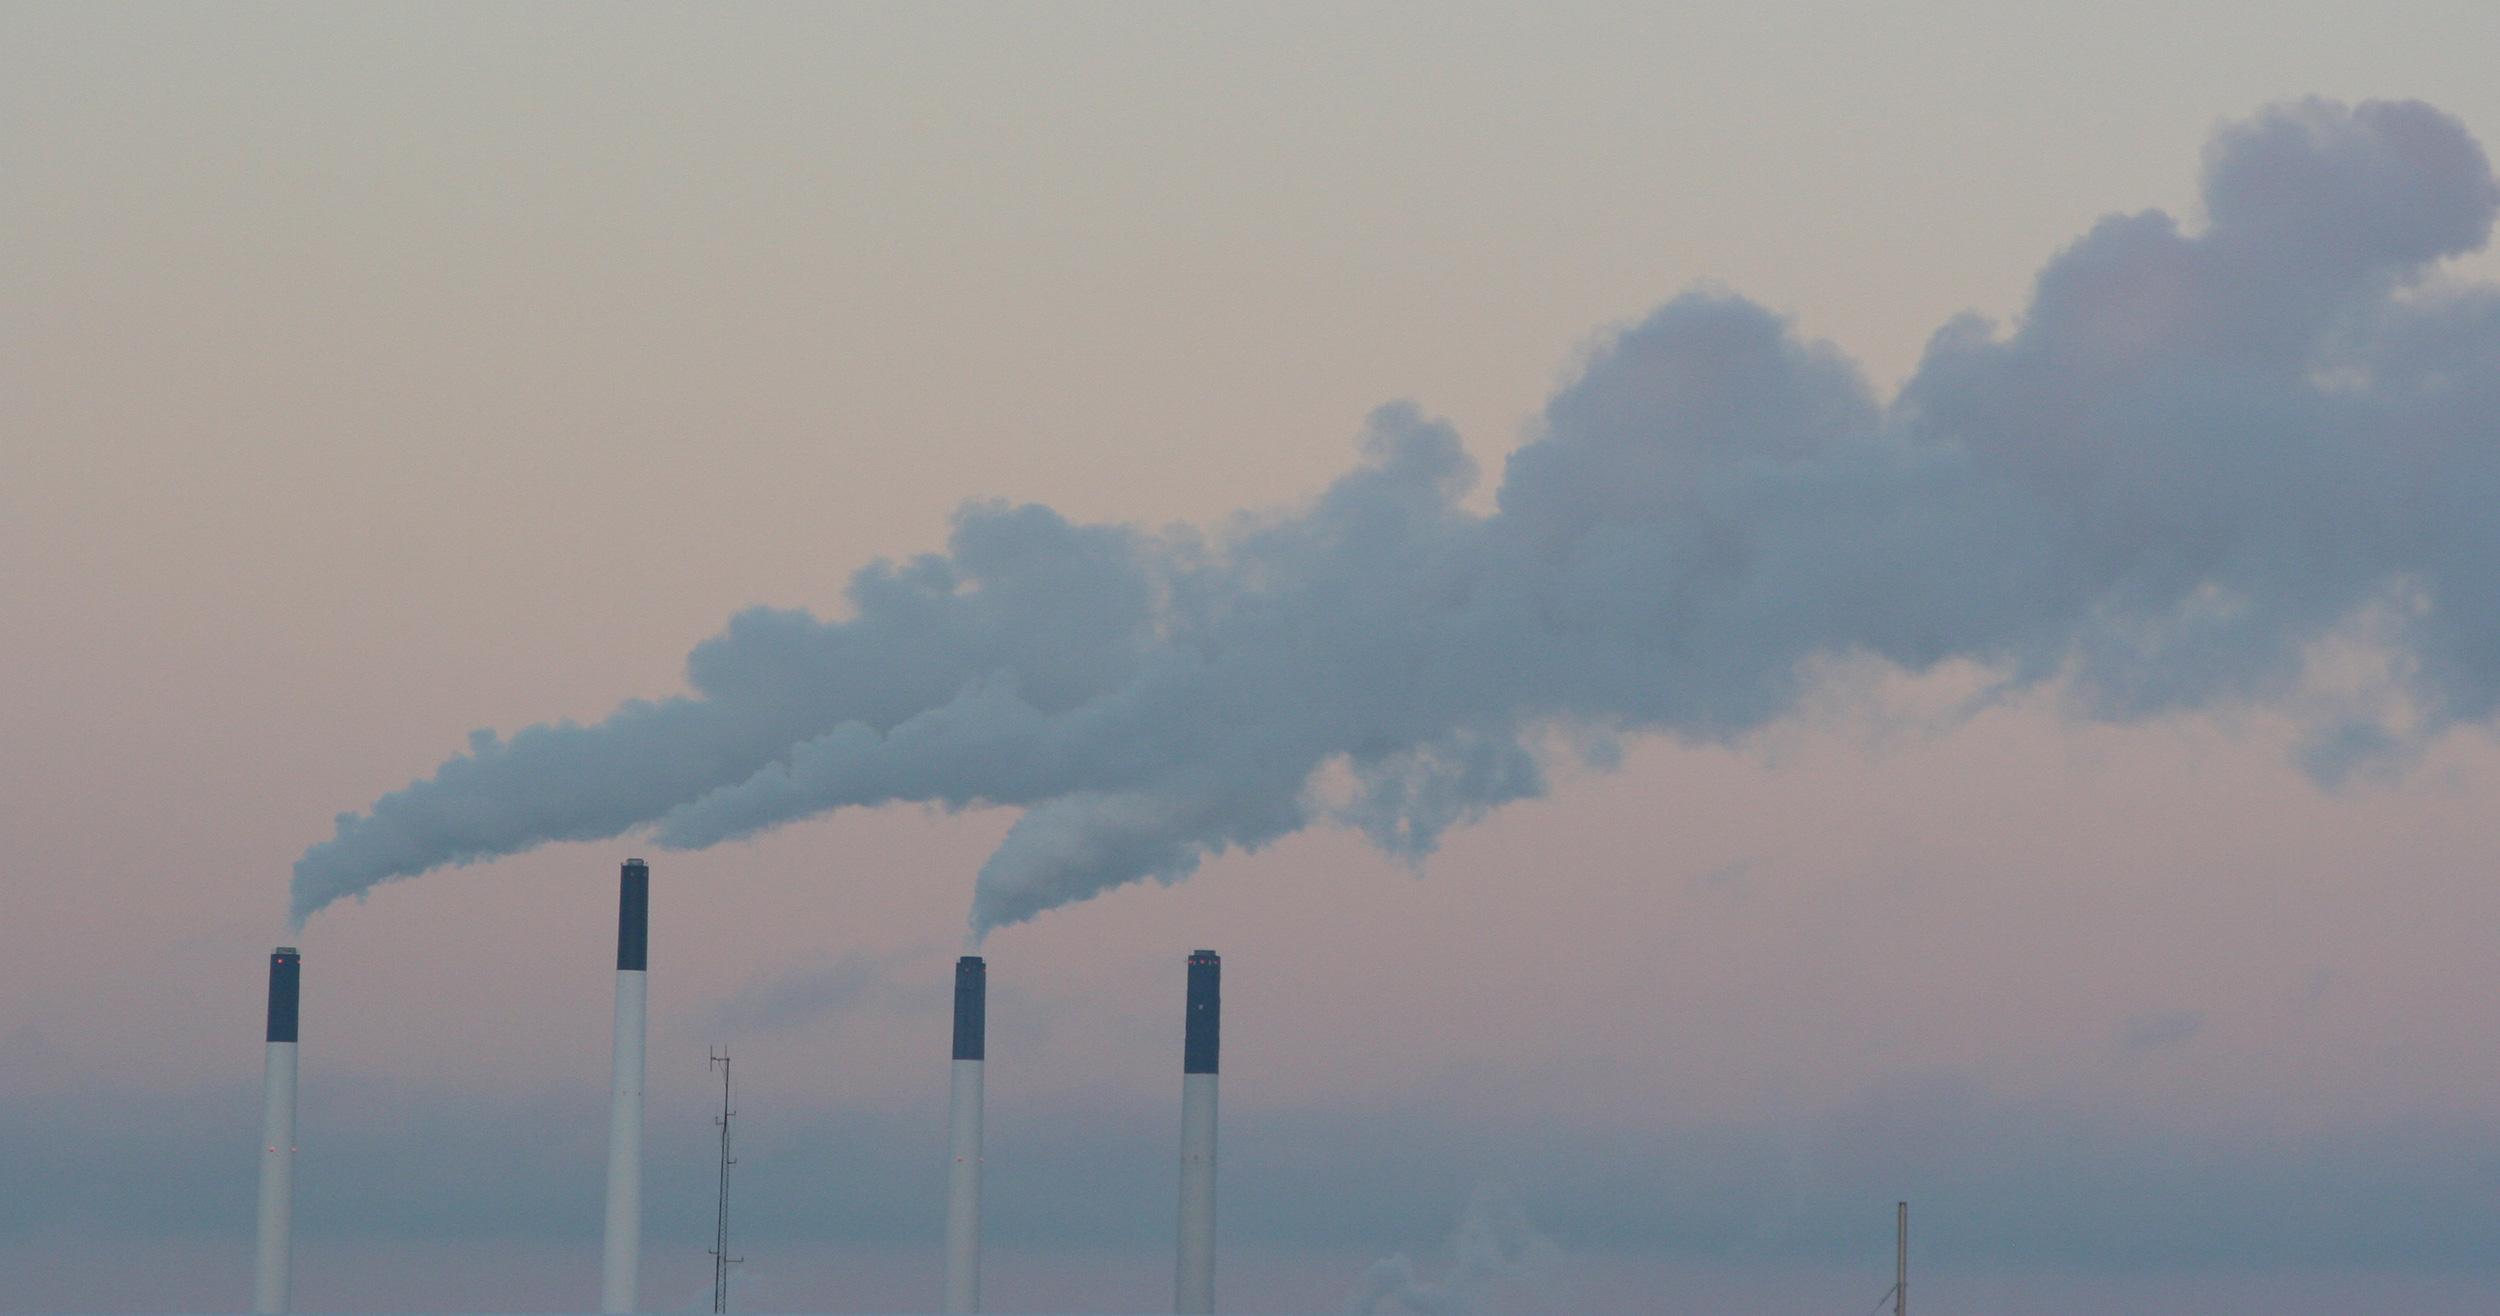 DN: Klimarådets rapport bør være et wake-up call for regeringen